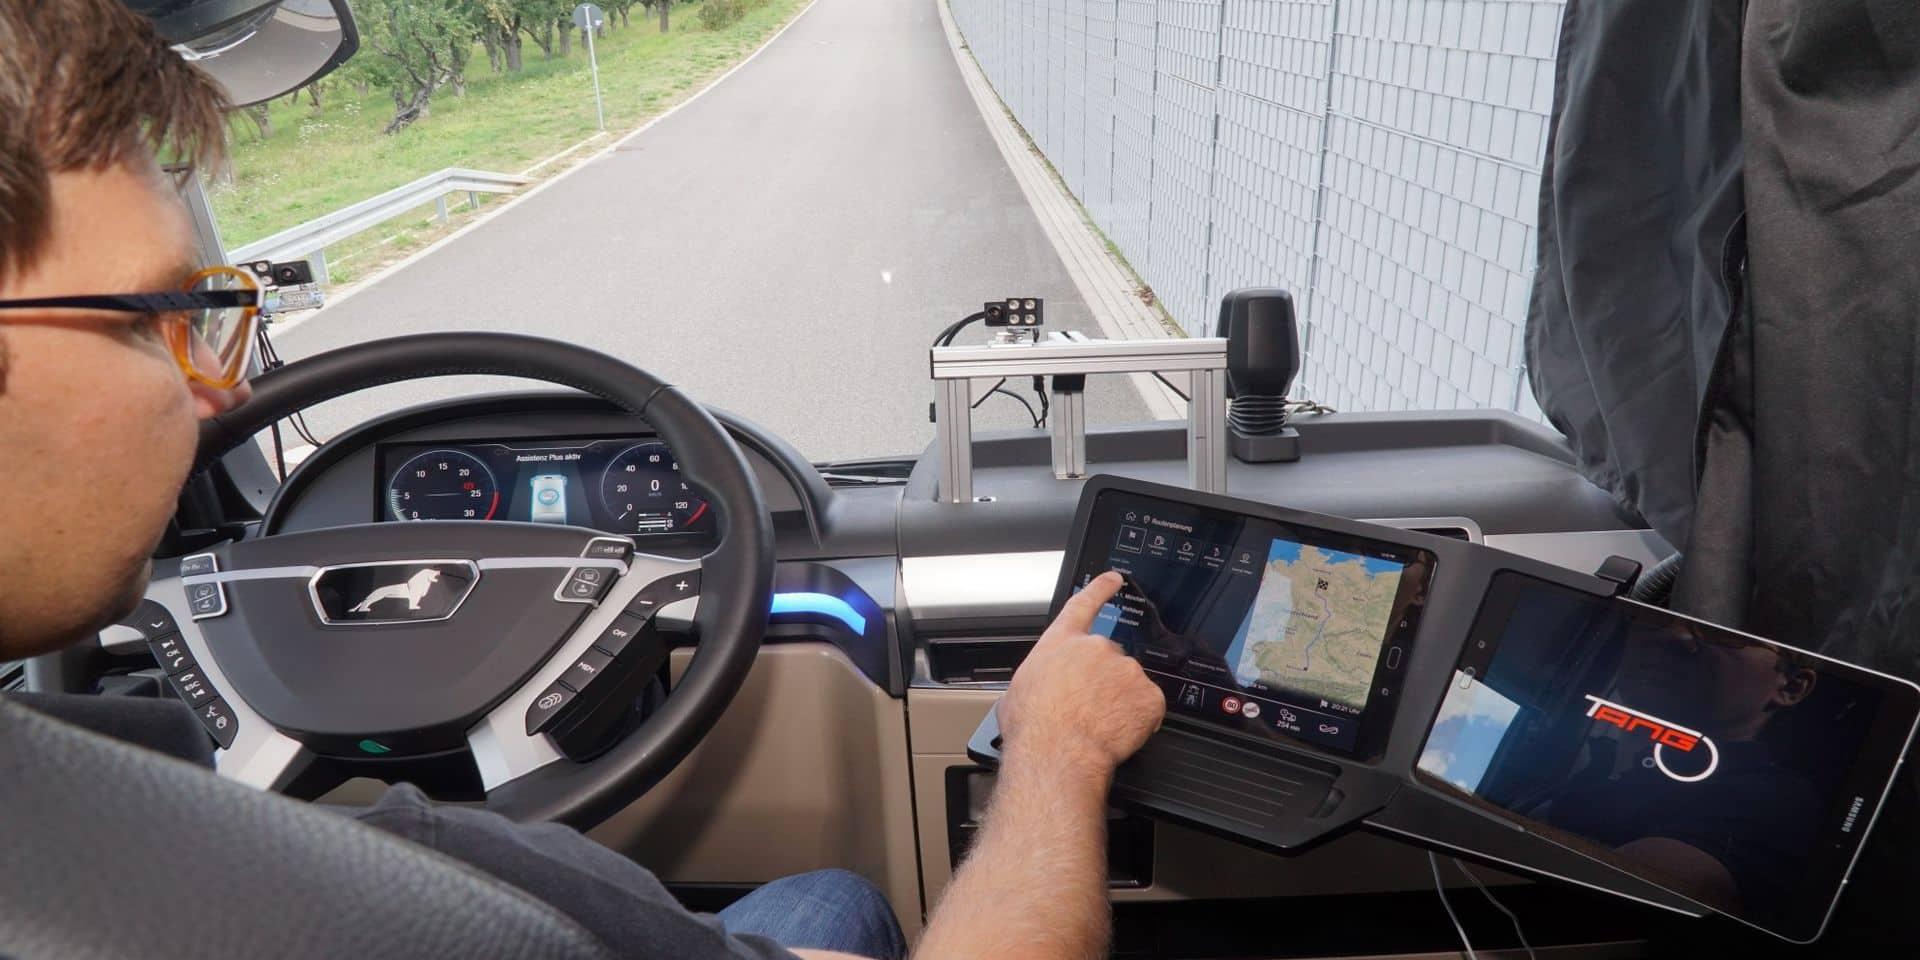 Camions sur nos routes : un projet de passager virtuel pour les conducteurs de poids lourds